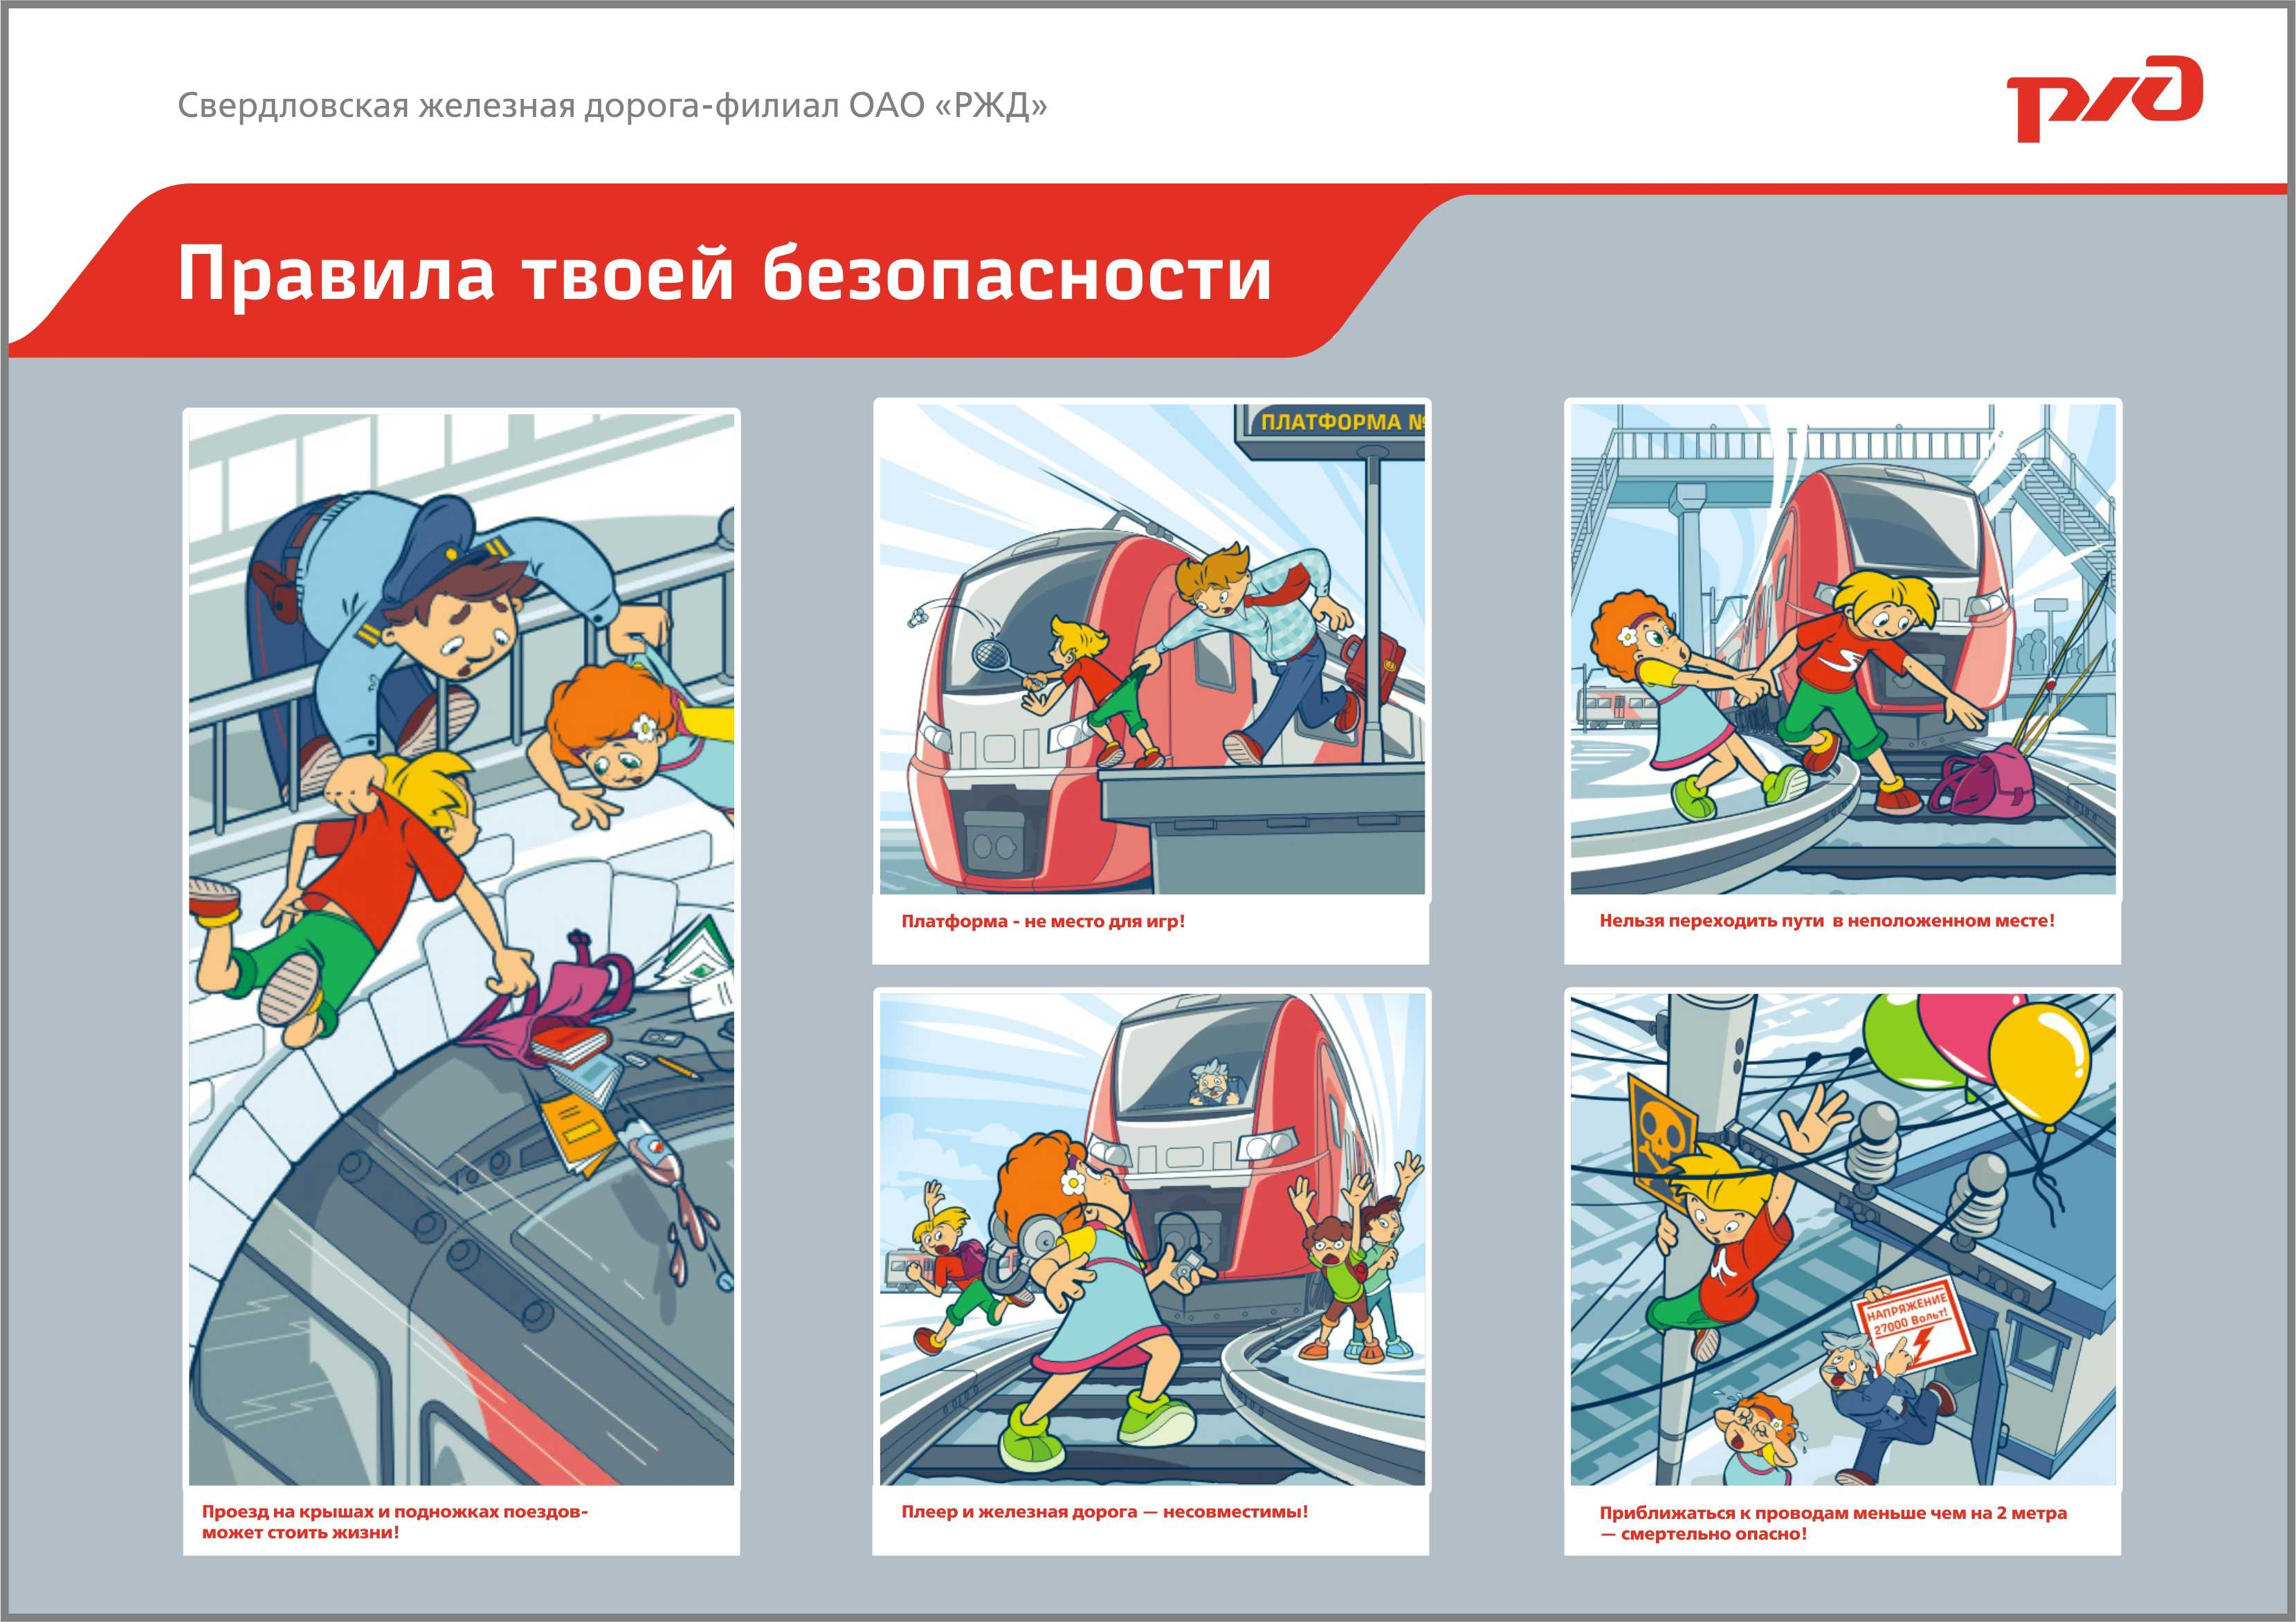 инструкция для детей в транспорте